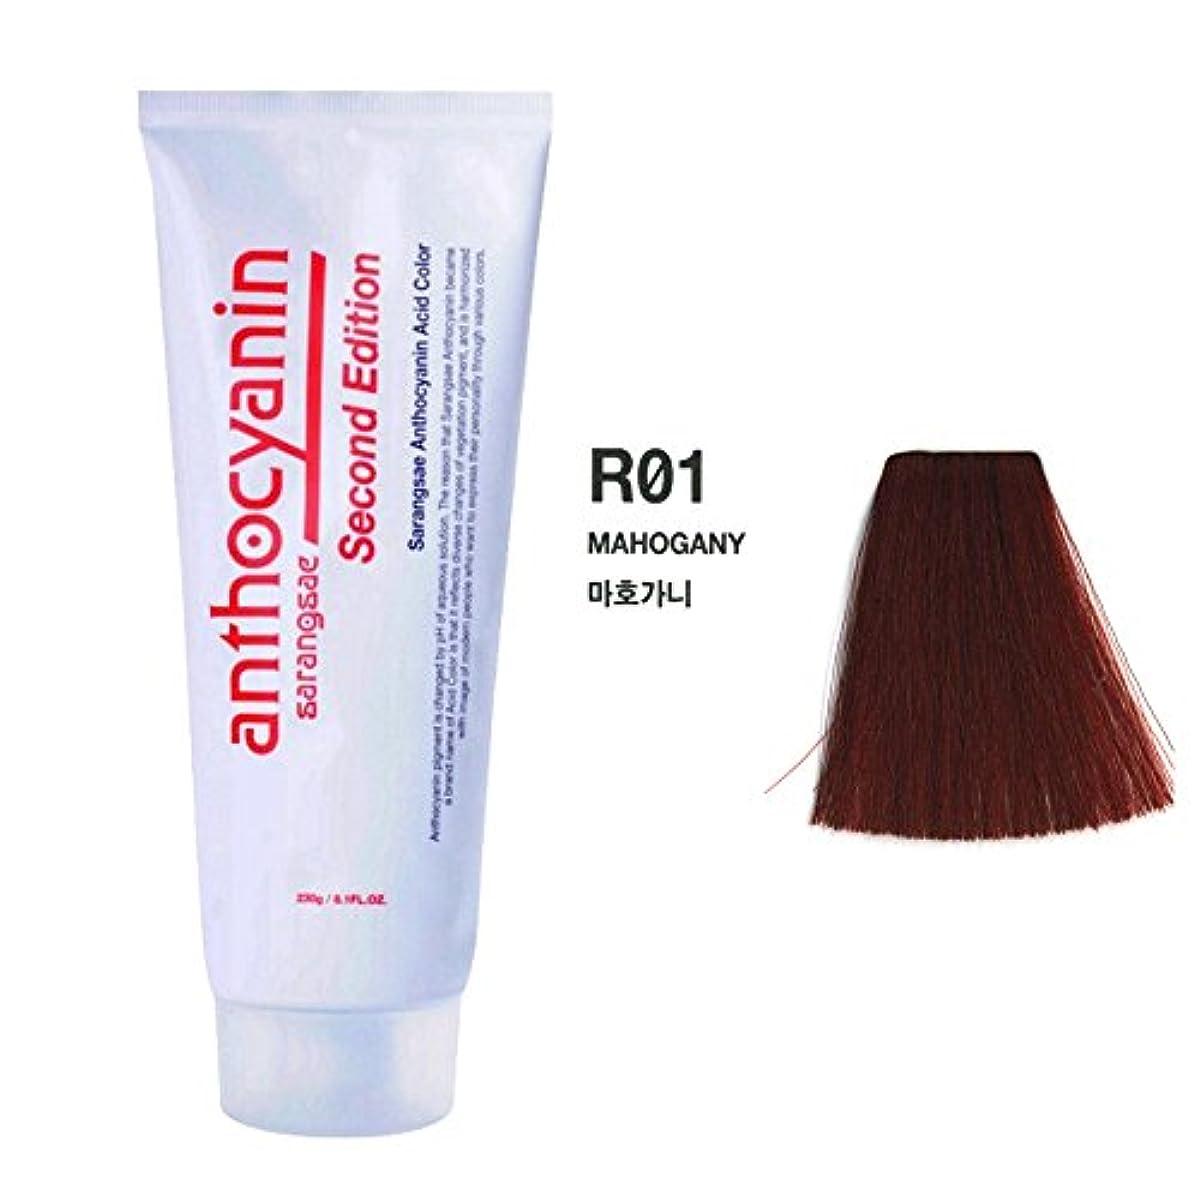 爆弾白雪姫ペックヘア マニキュア カラー セカンド エディション 230g セミ パーマネント 染毛剤 ( Hair Manicure Color Second Edition 230g Semi Permanent Hair Dye) [並行輸入品] (R01 Mahogany)